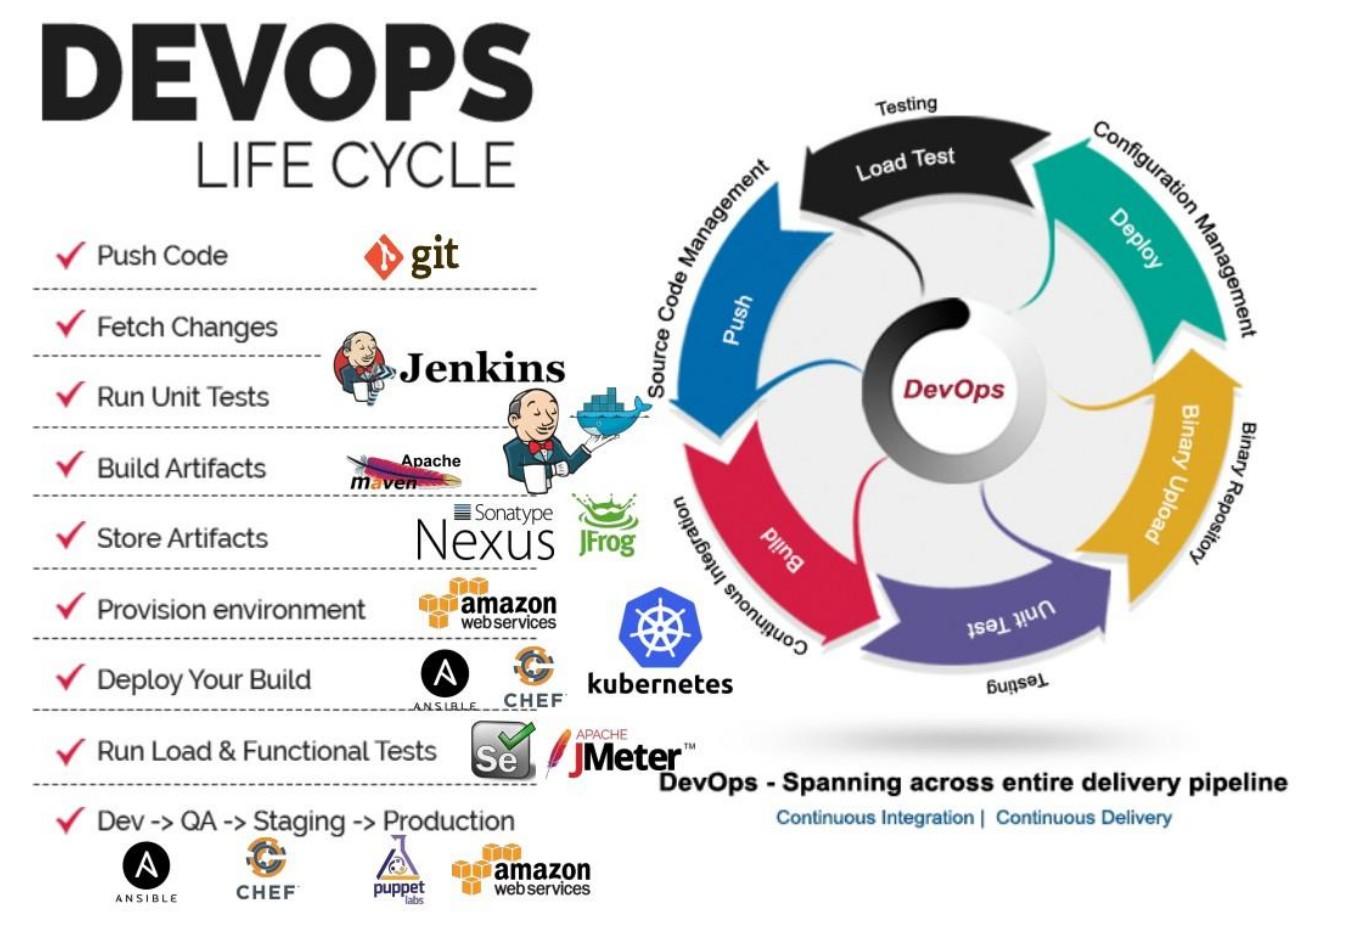 Devops Life cycle